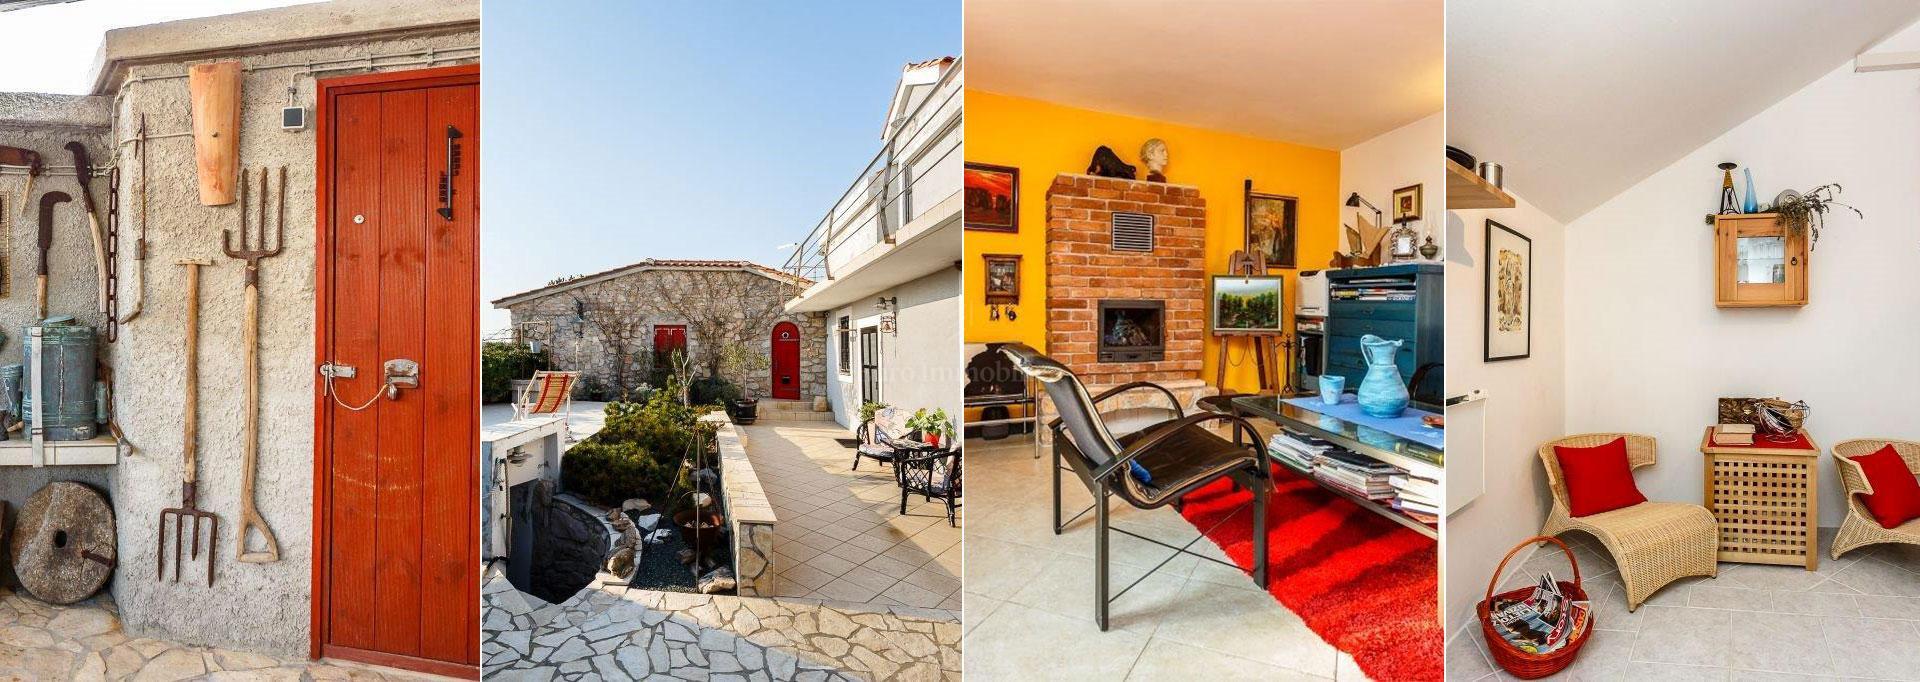 Stilom uređena samostojeća stara kamena kuća